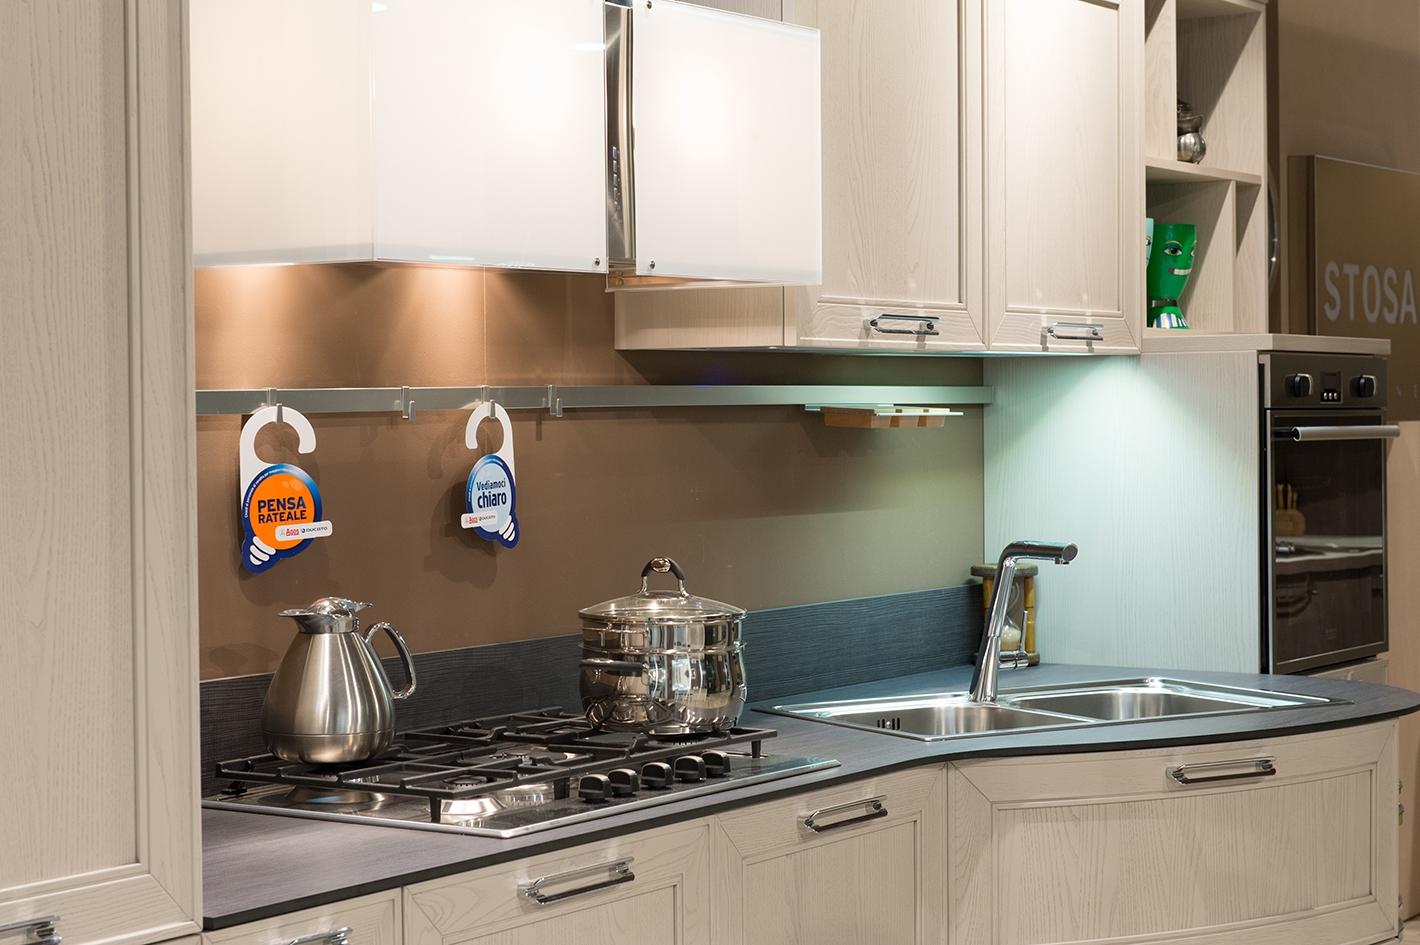 Stosa Cucine Cucina Maxim Classica Legno - Cucine a prezzi scontati